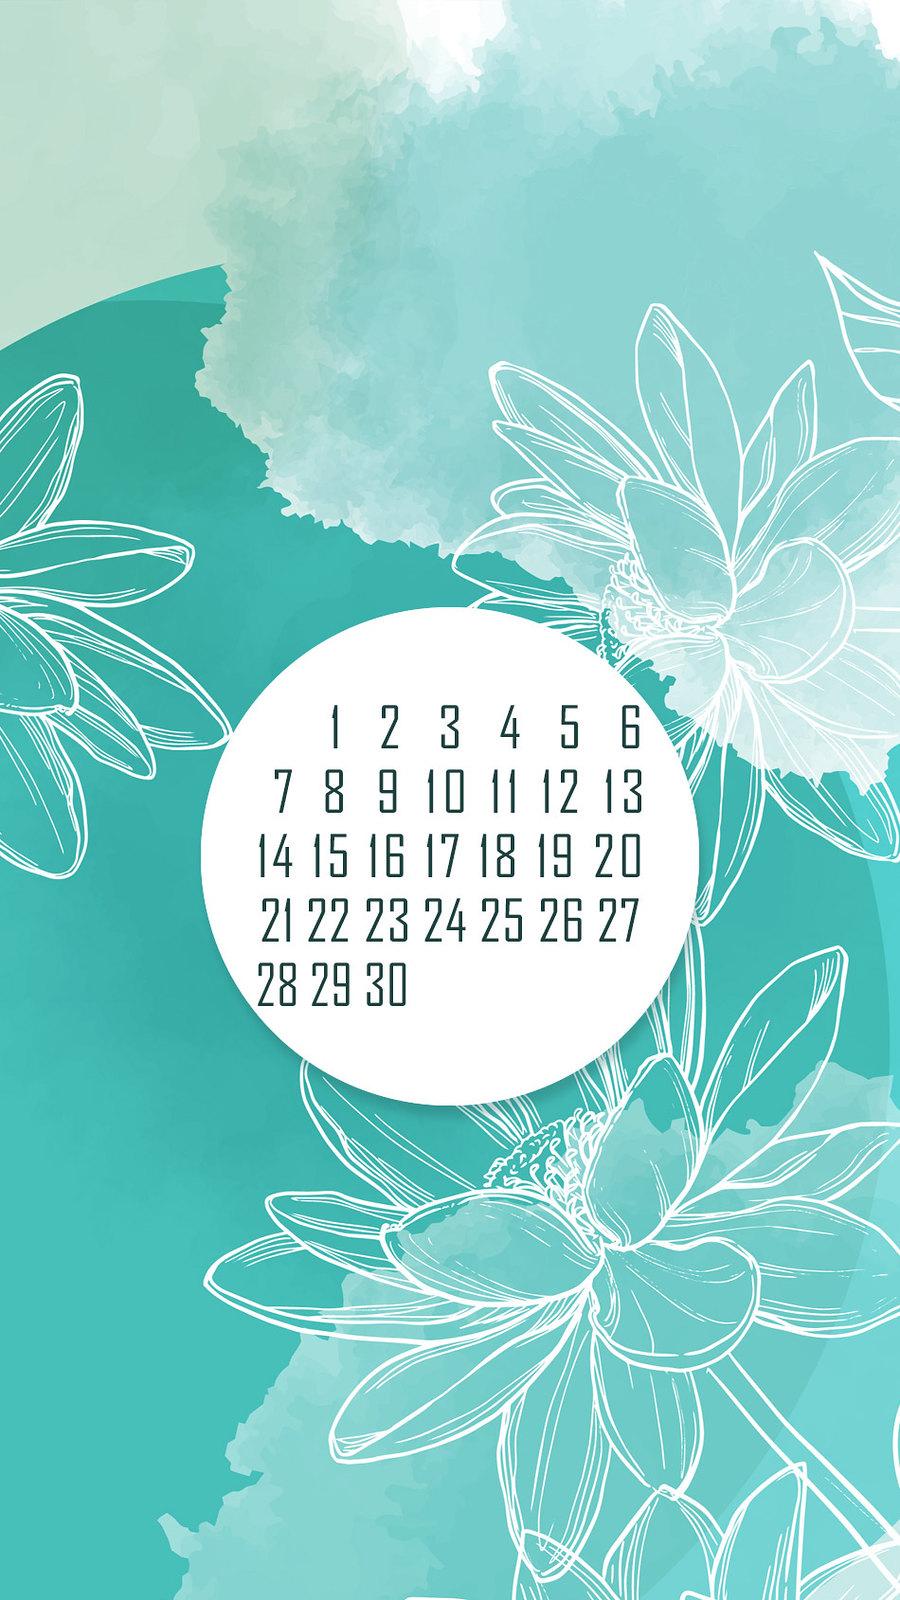 календарь на июнь '21, заставка на смартфон, district-f.org 3